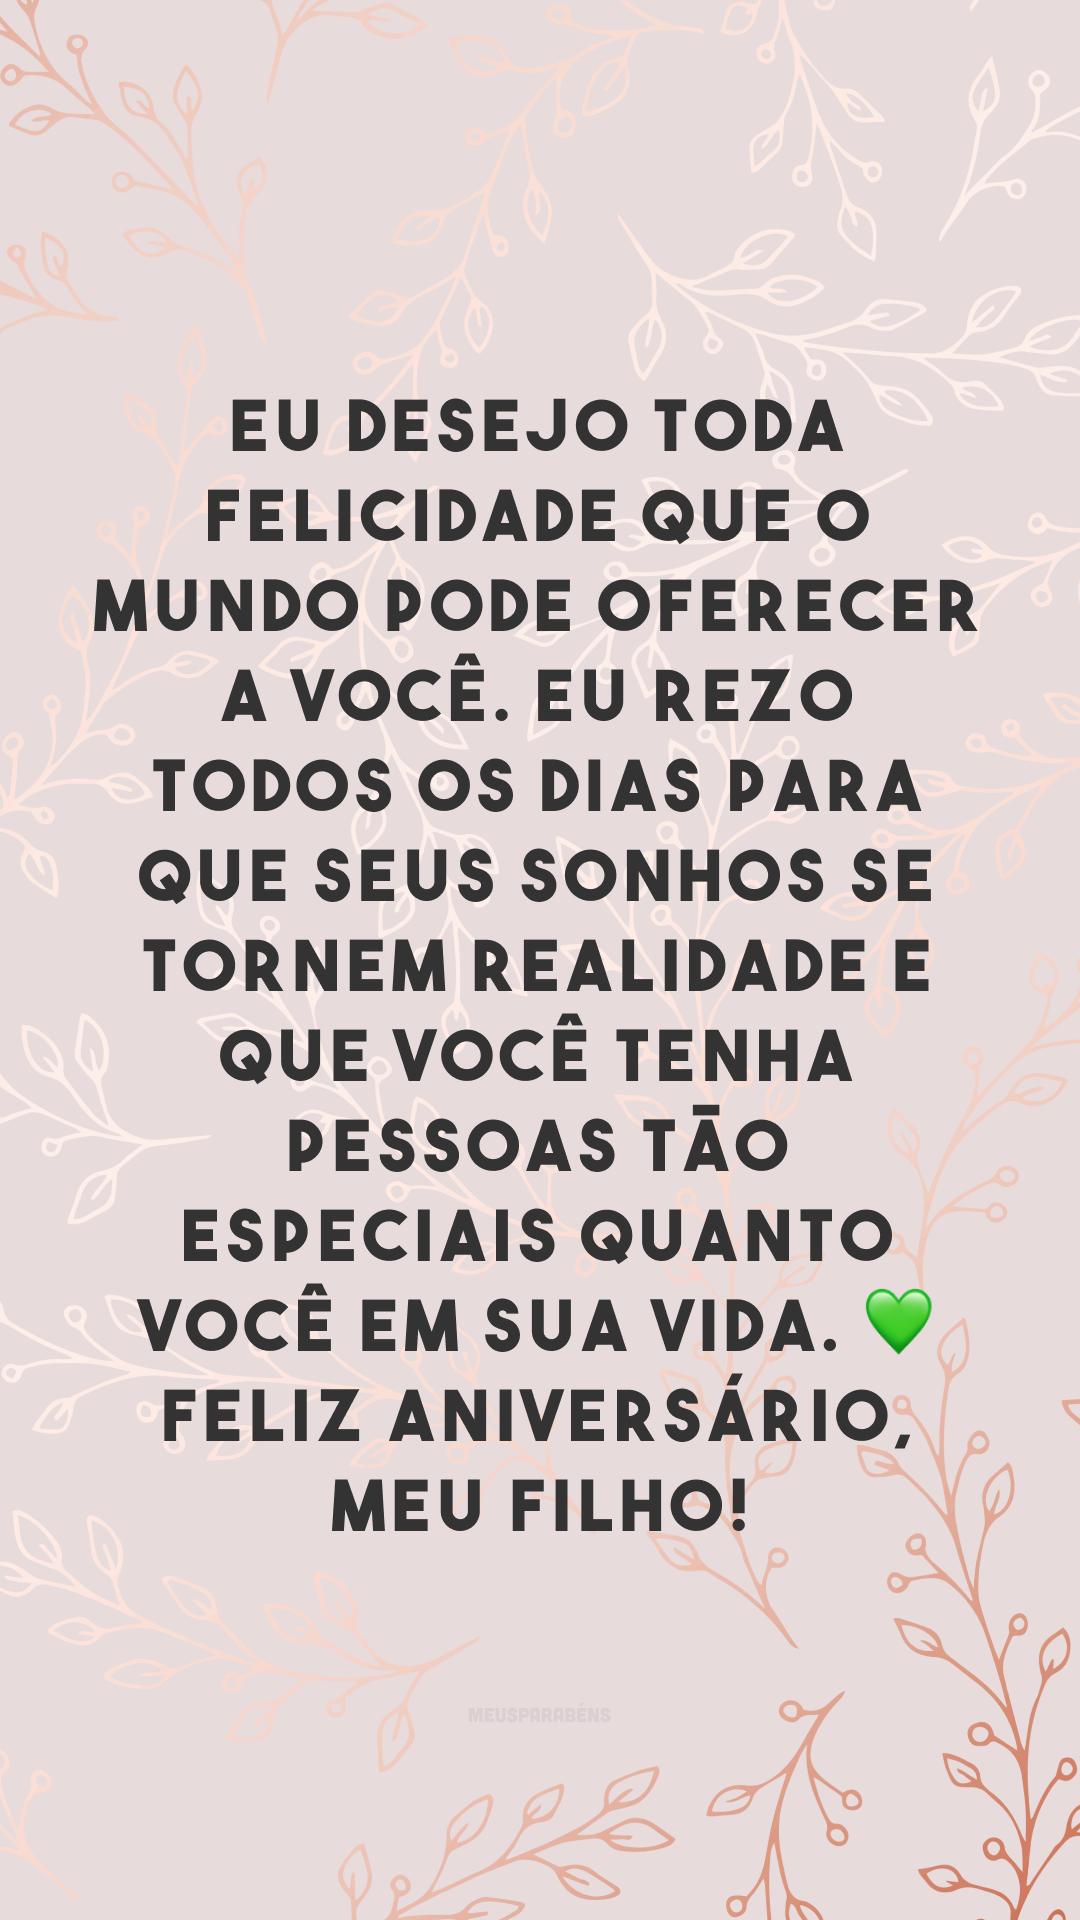 Eu desejo toda felicidade que o mundo pode oferecer a você. Eu rezo todos os dias para que seus sonhos se tornem realidade e que você tenha pessoas tão especiais quanto você em sua vida. 💚 Feliz aniversário, meu filho!